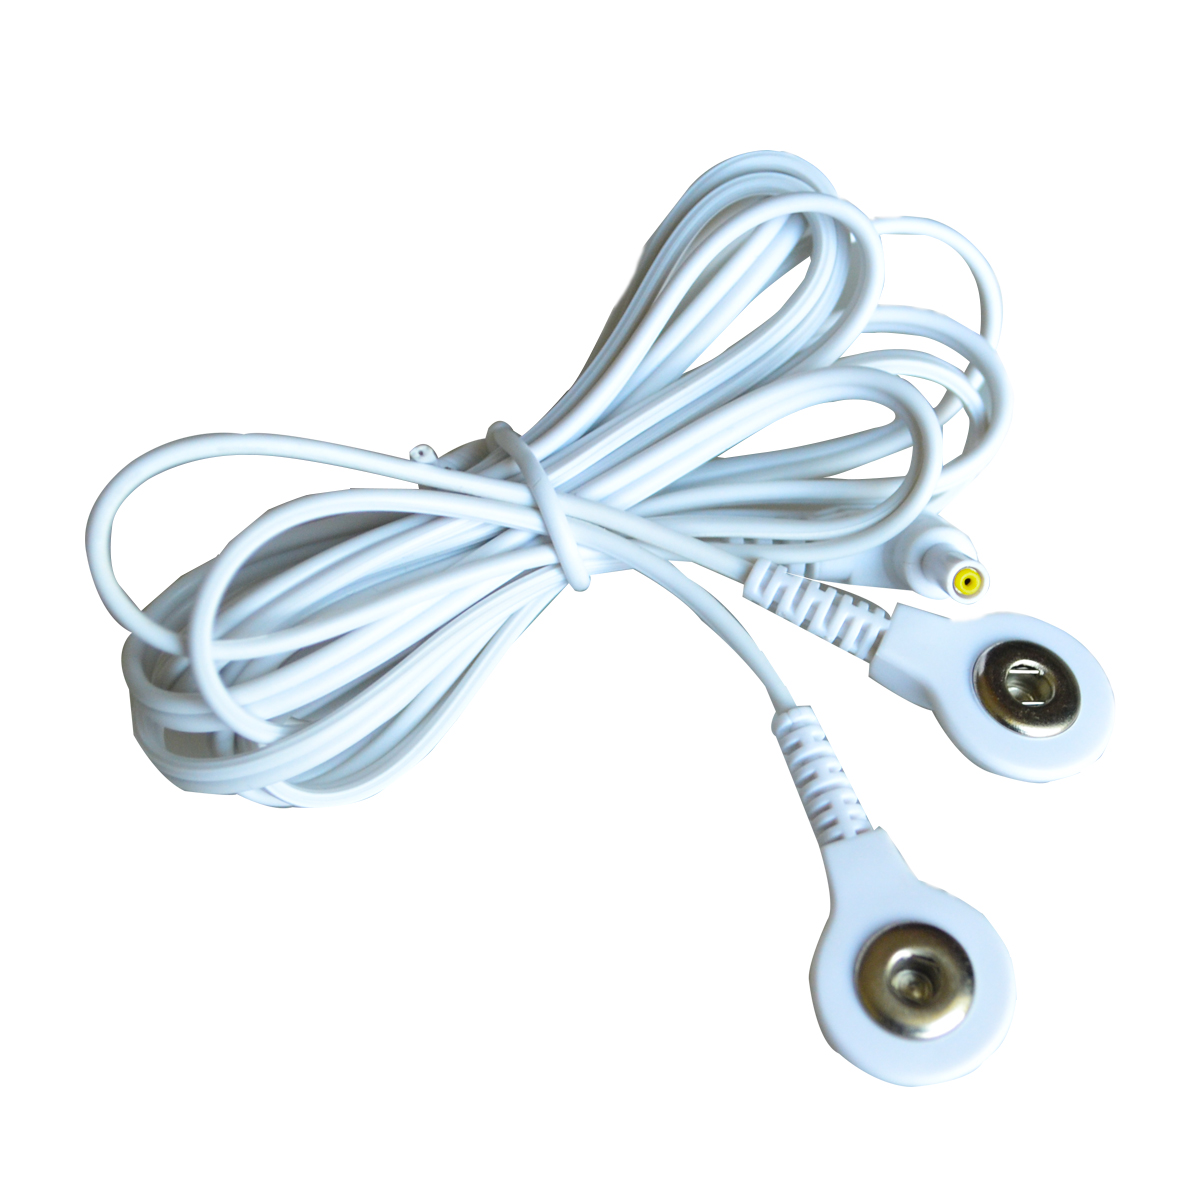 100 шт./лот электродов проводов штекер 2,5 мм соединительные кабели с 2 кнопки для Десятки 7000 электронный терапии машин